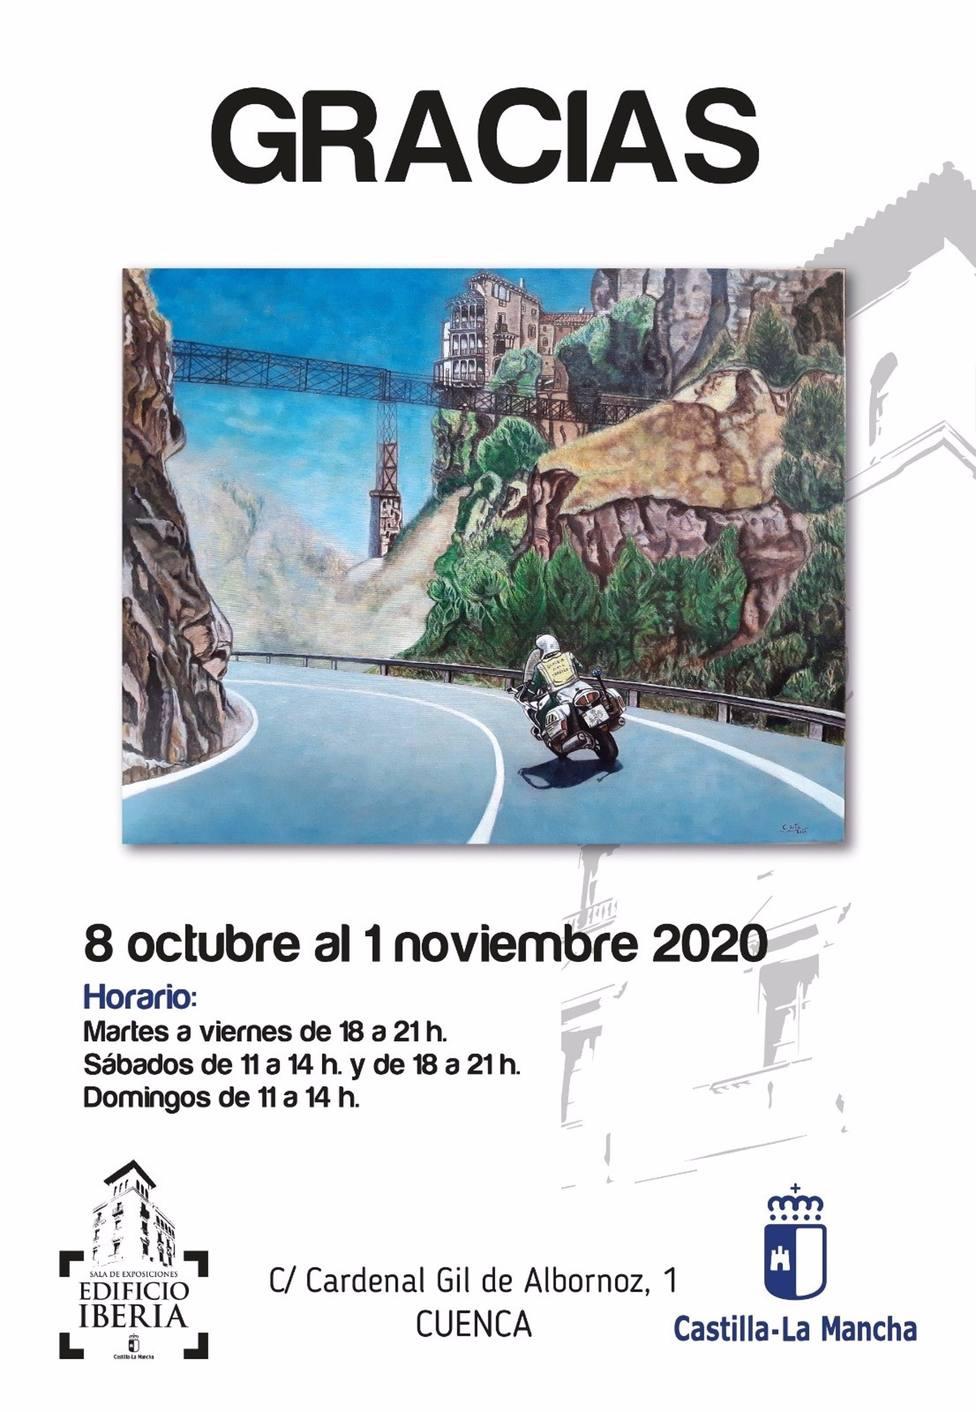 Cuenca acoge desde el jueves la exposición Gracias en homenaje a los colectivos que han trabajado durante la pandemia